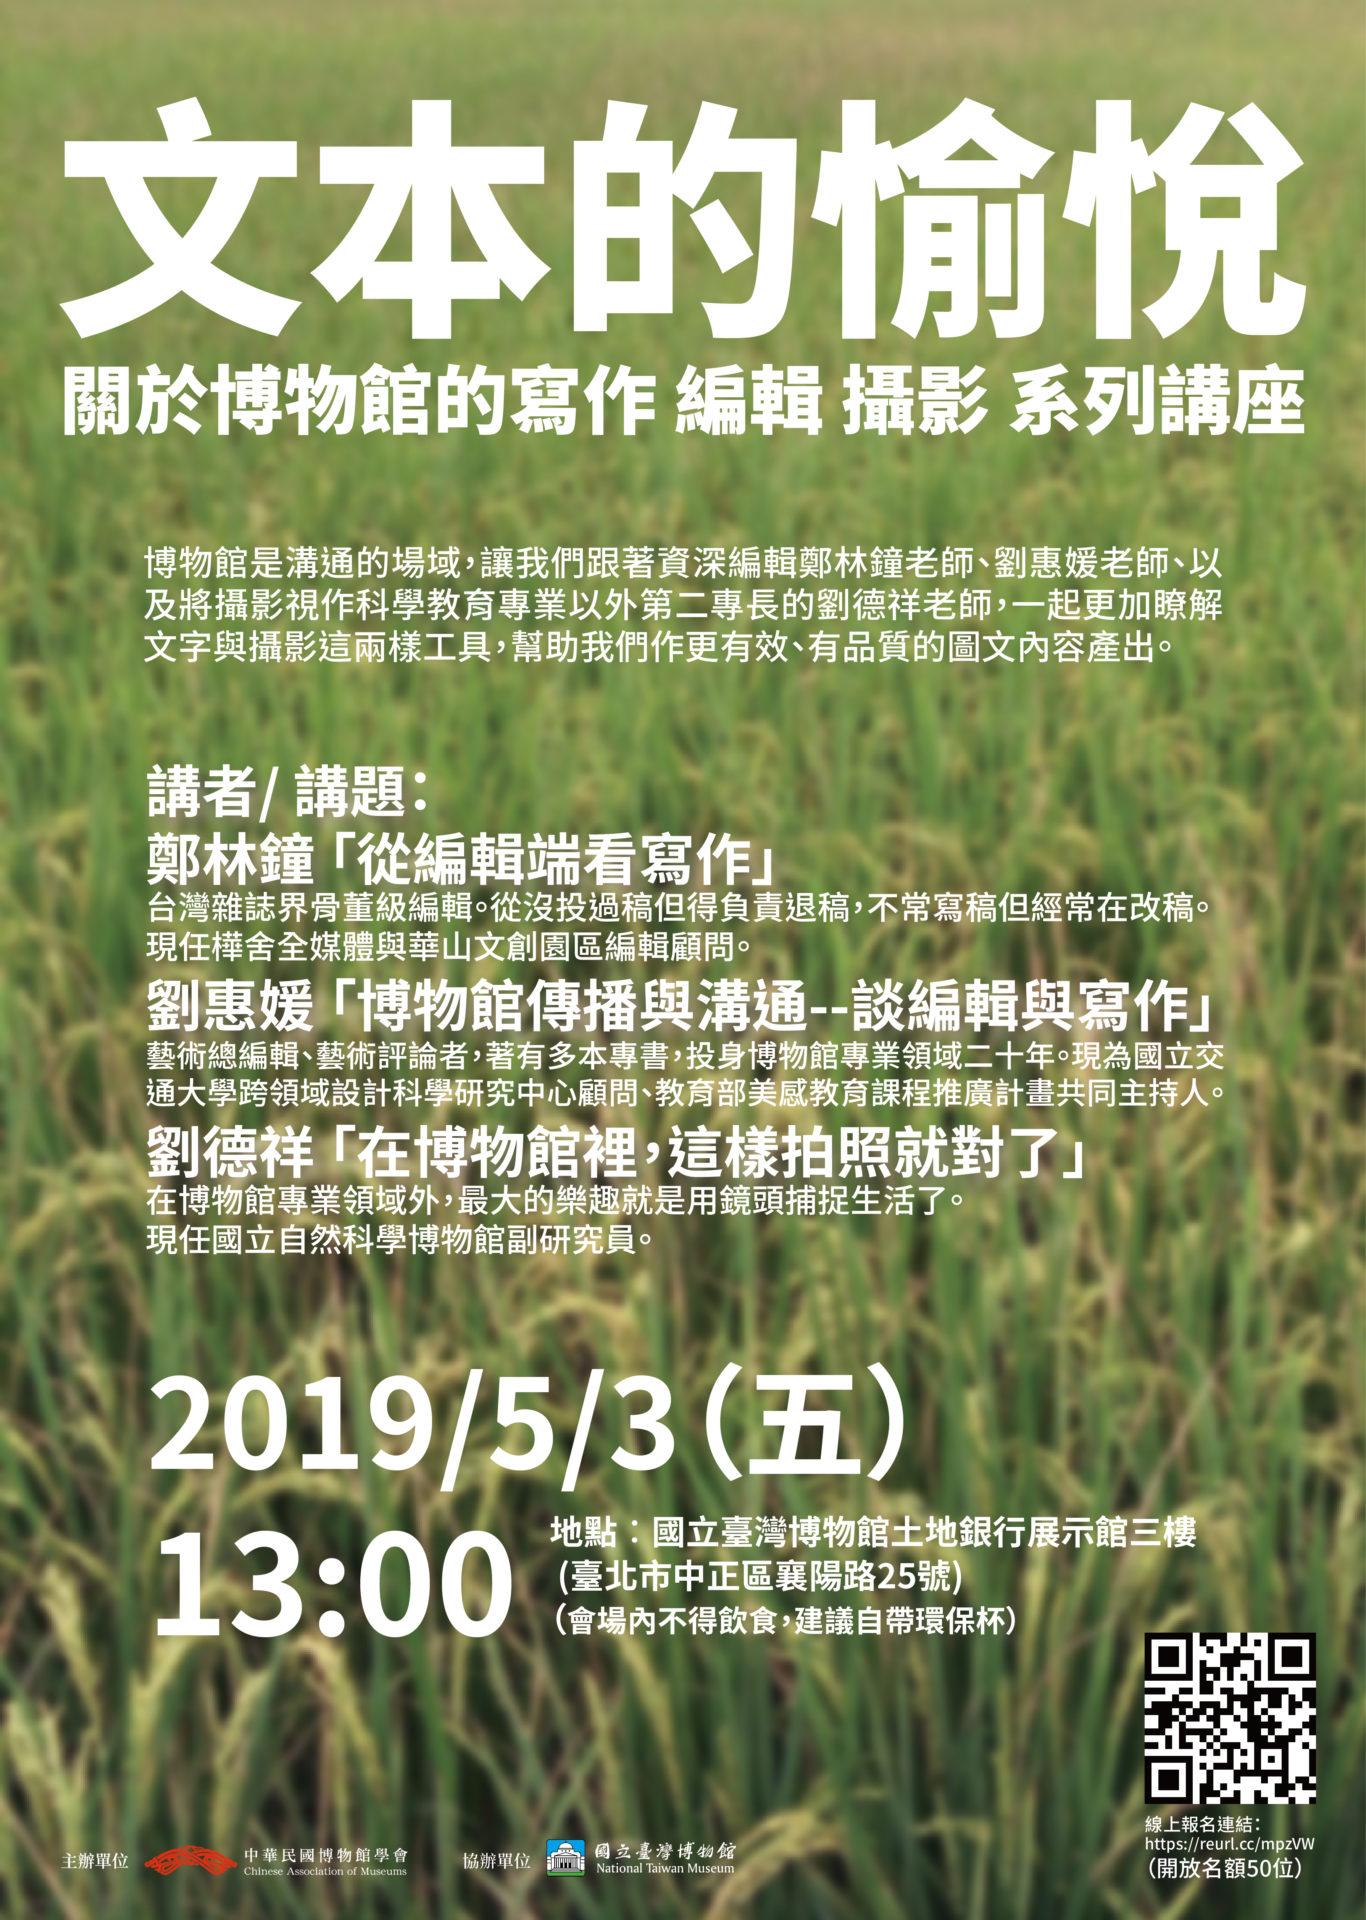 中華民國博物館學會:2019/5/3【文本的愉悅:關於博物館的 寫作 編輯 攝影】系列講座